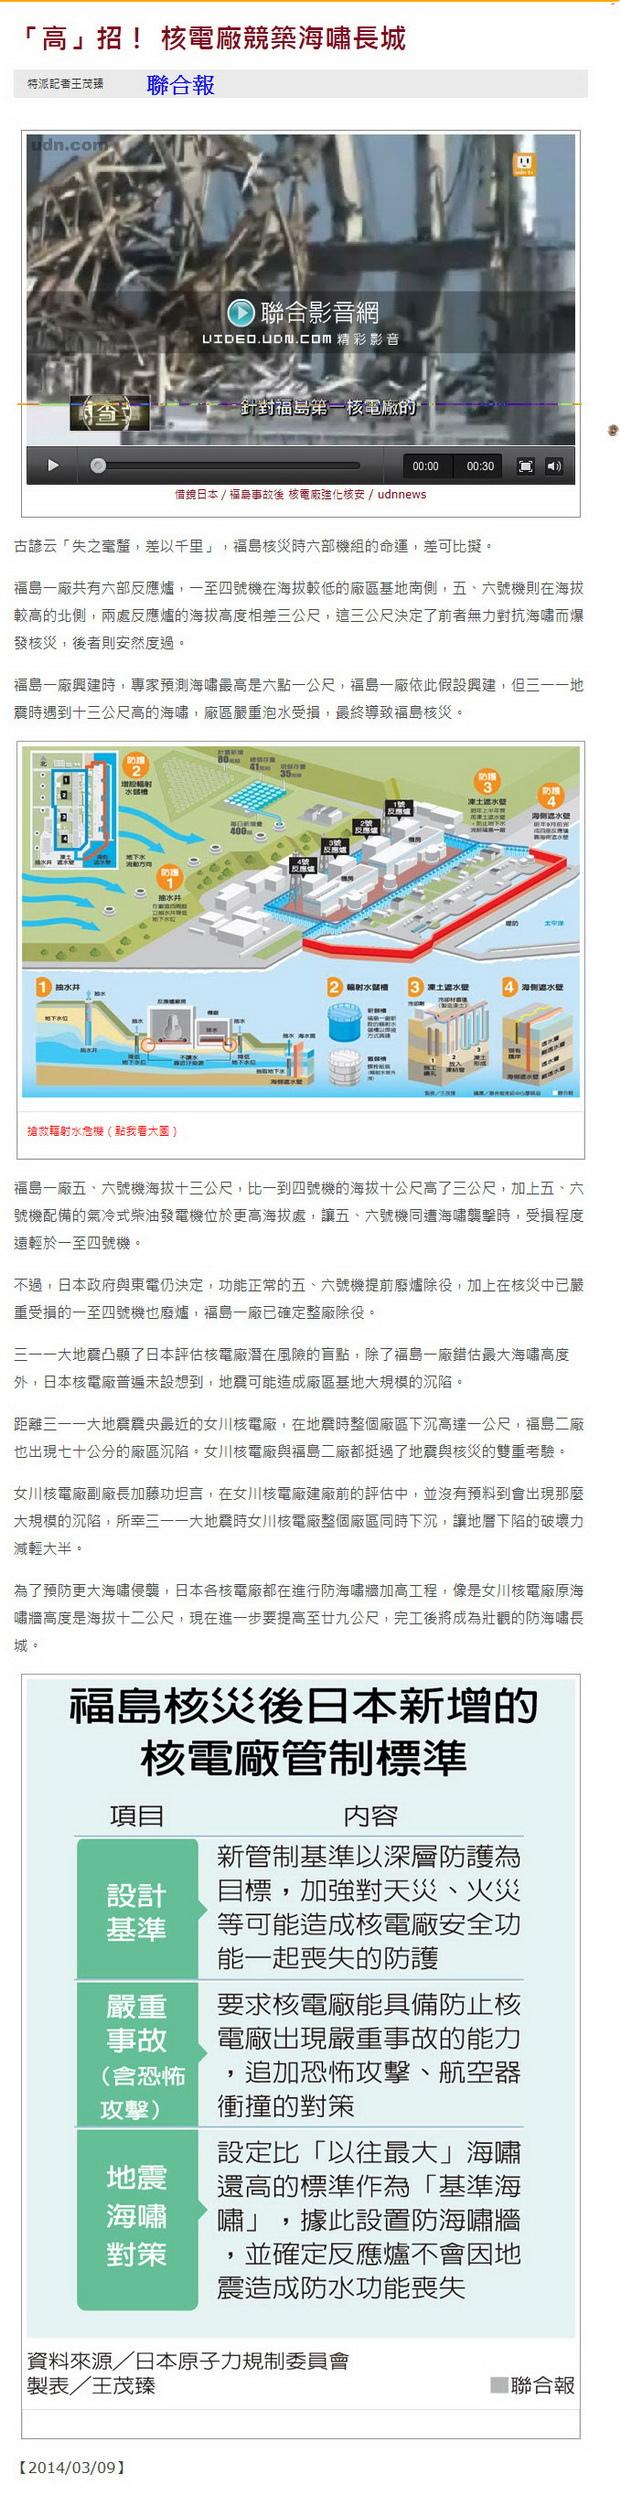 「高」招! 核電廠競築海嘯長城-2014.03.09.jpg